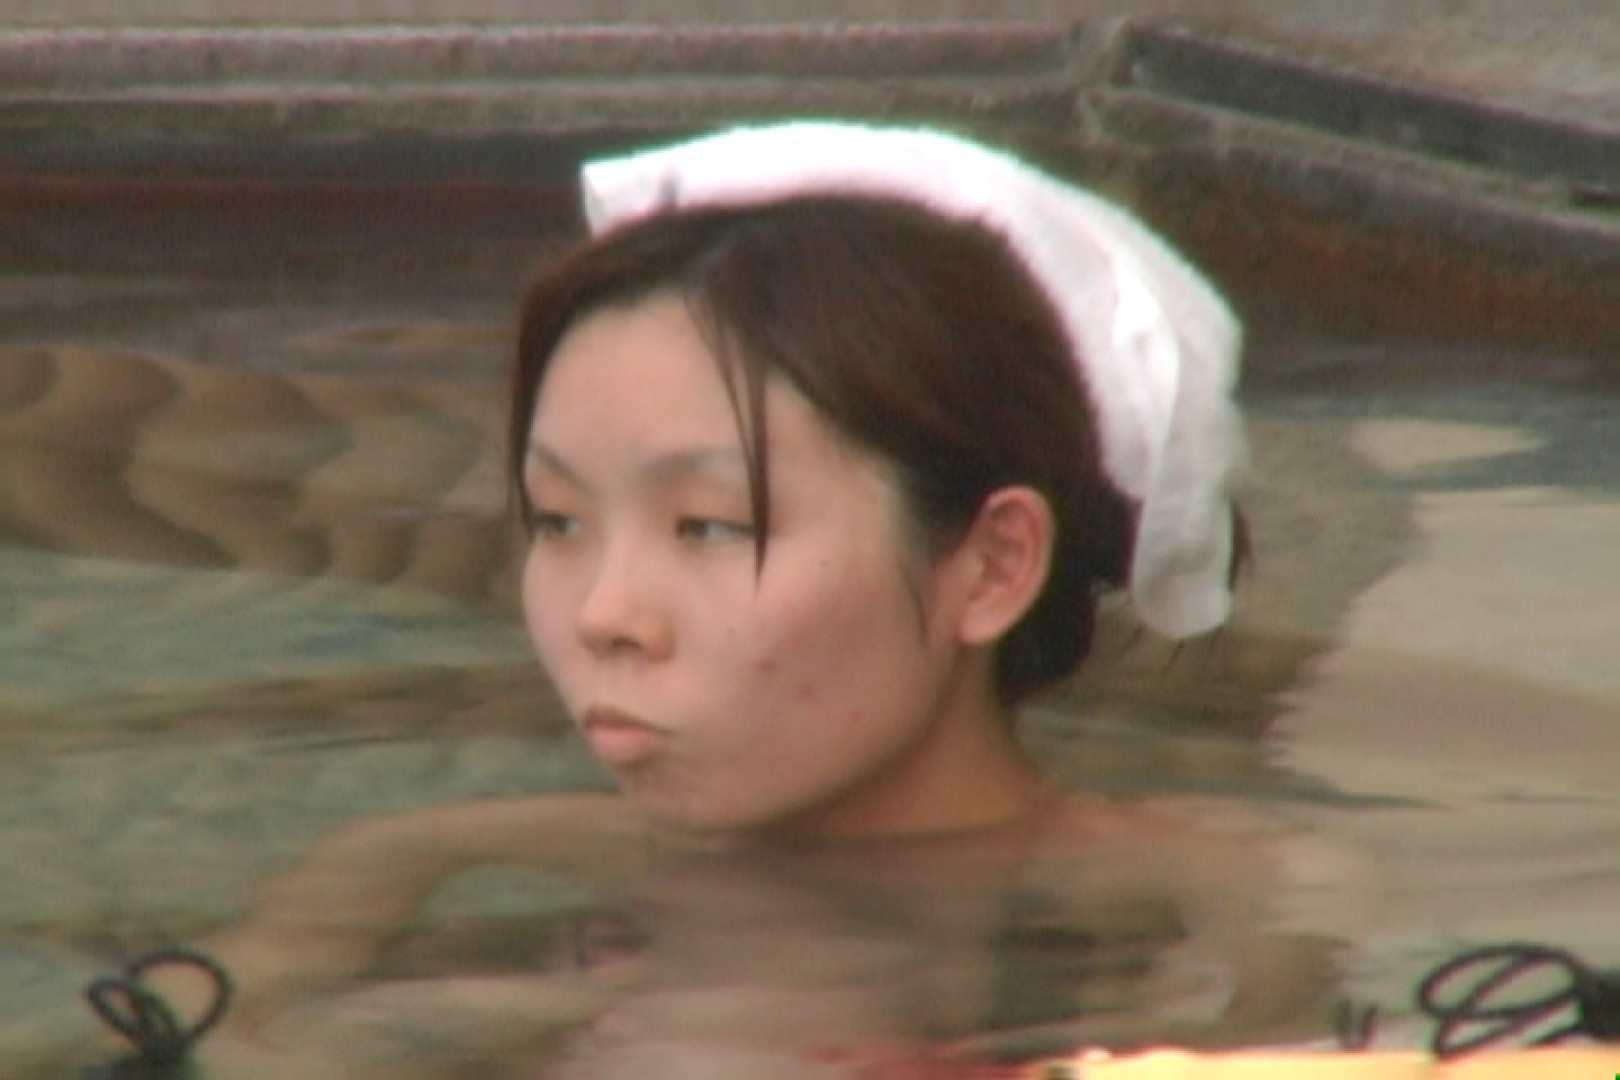 Aquaな露天風呂Vol.580 盗撮師作品 | 美しいOLの裸体  98pic 82